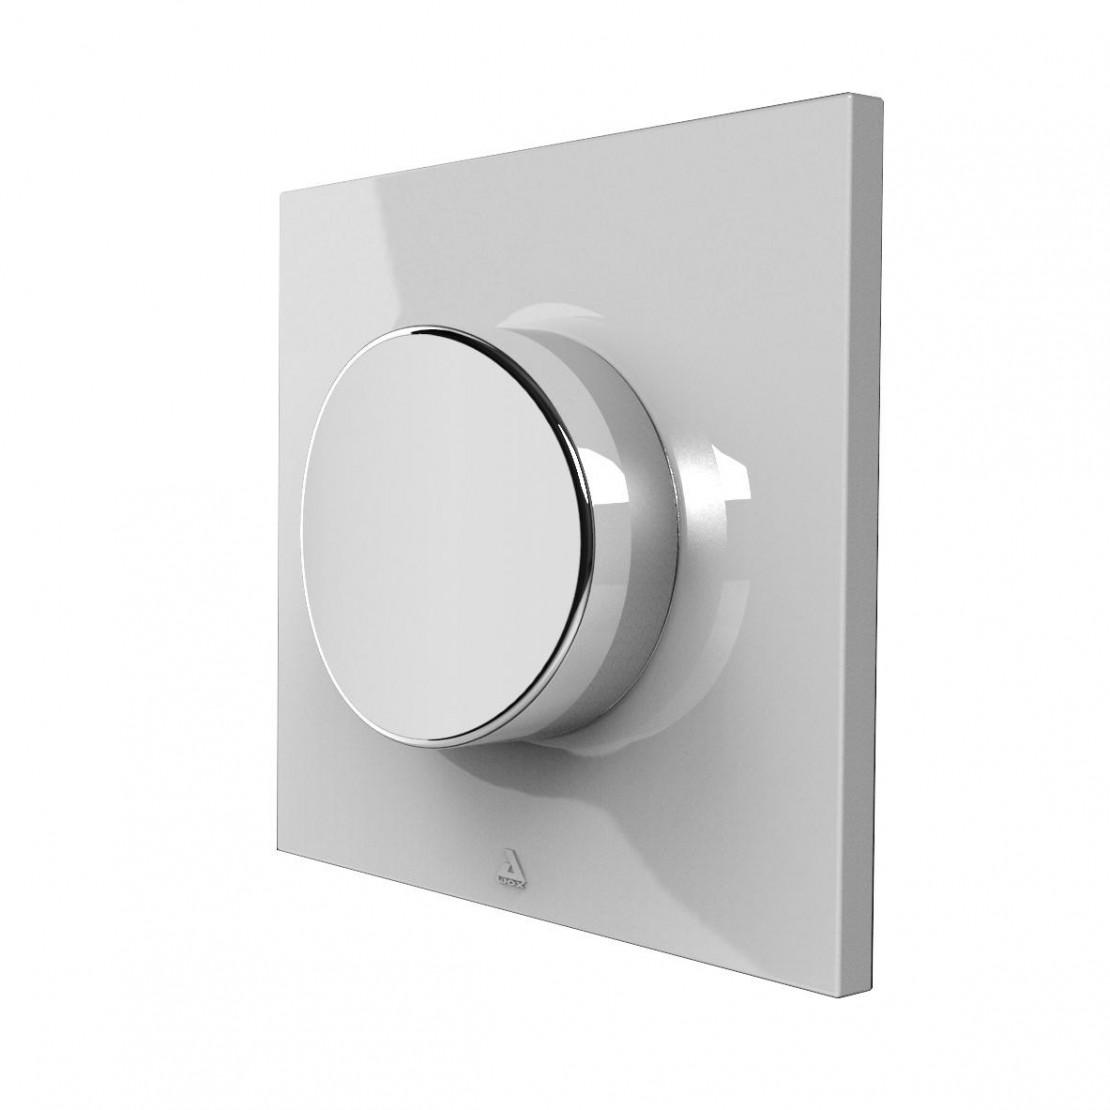 SmartPEBBLE - interrupteur gestuel sans fil